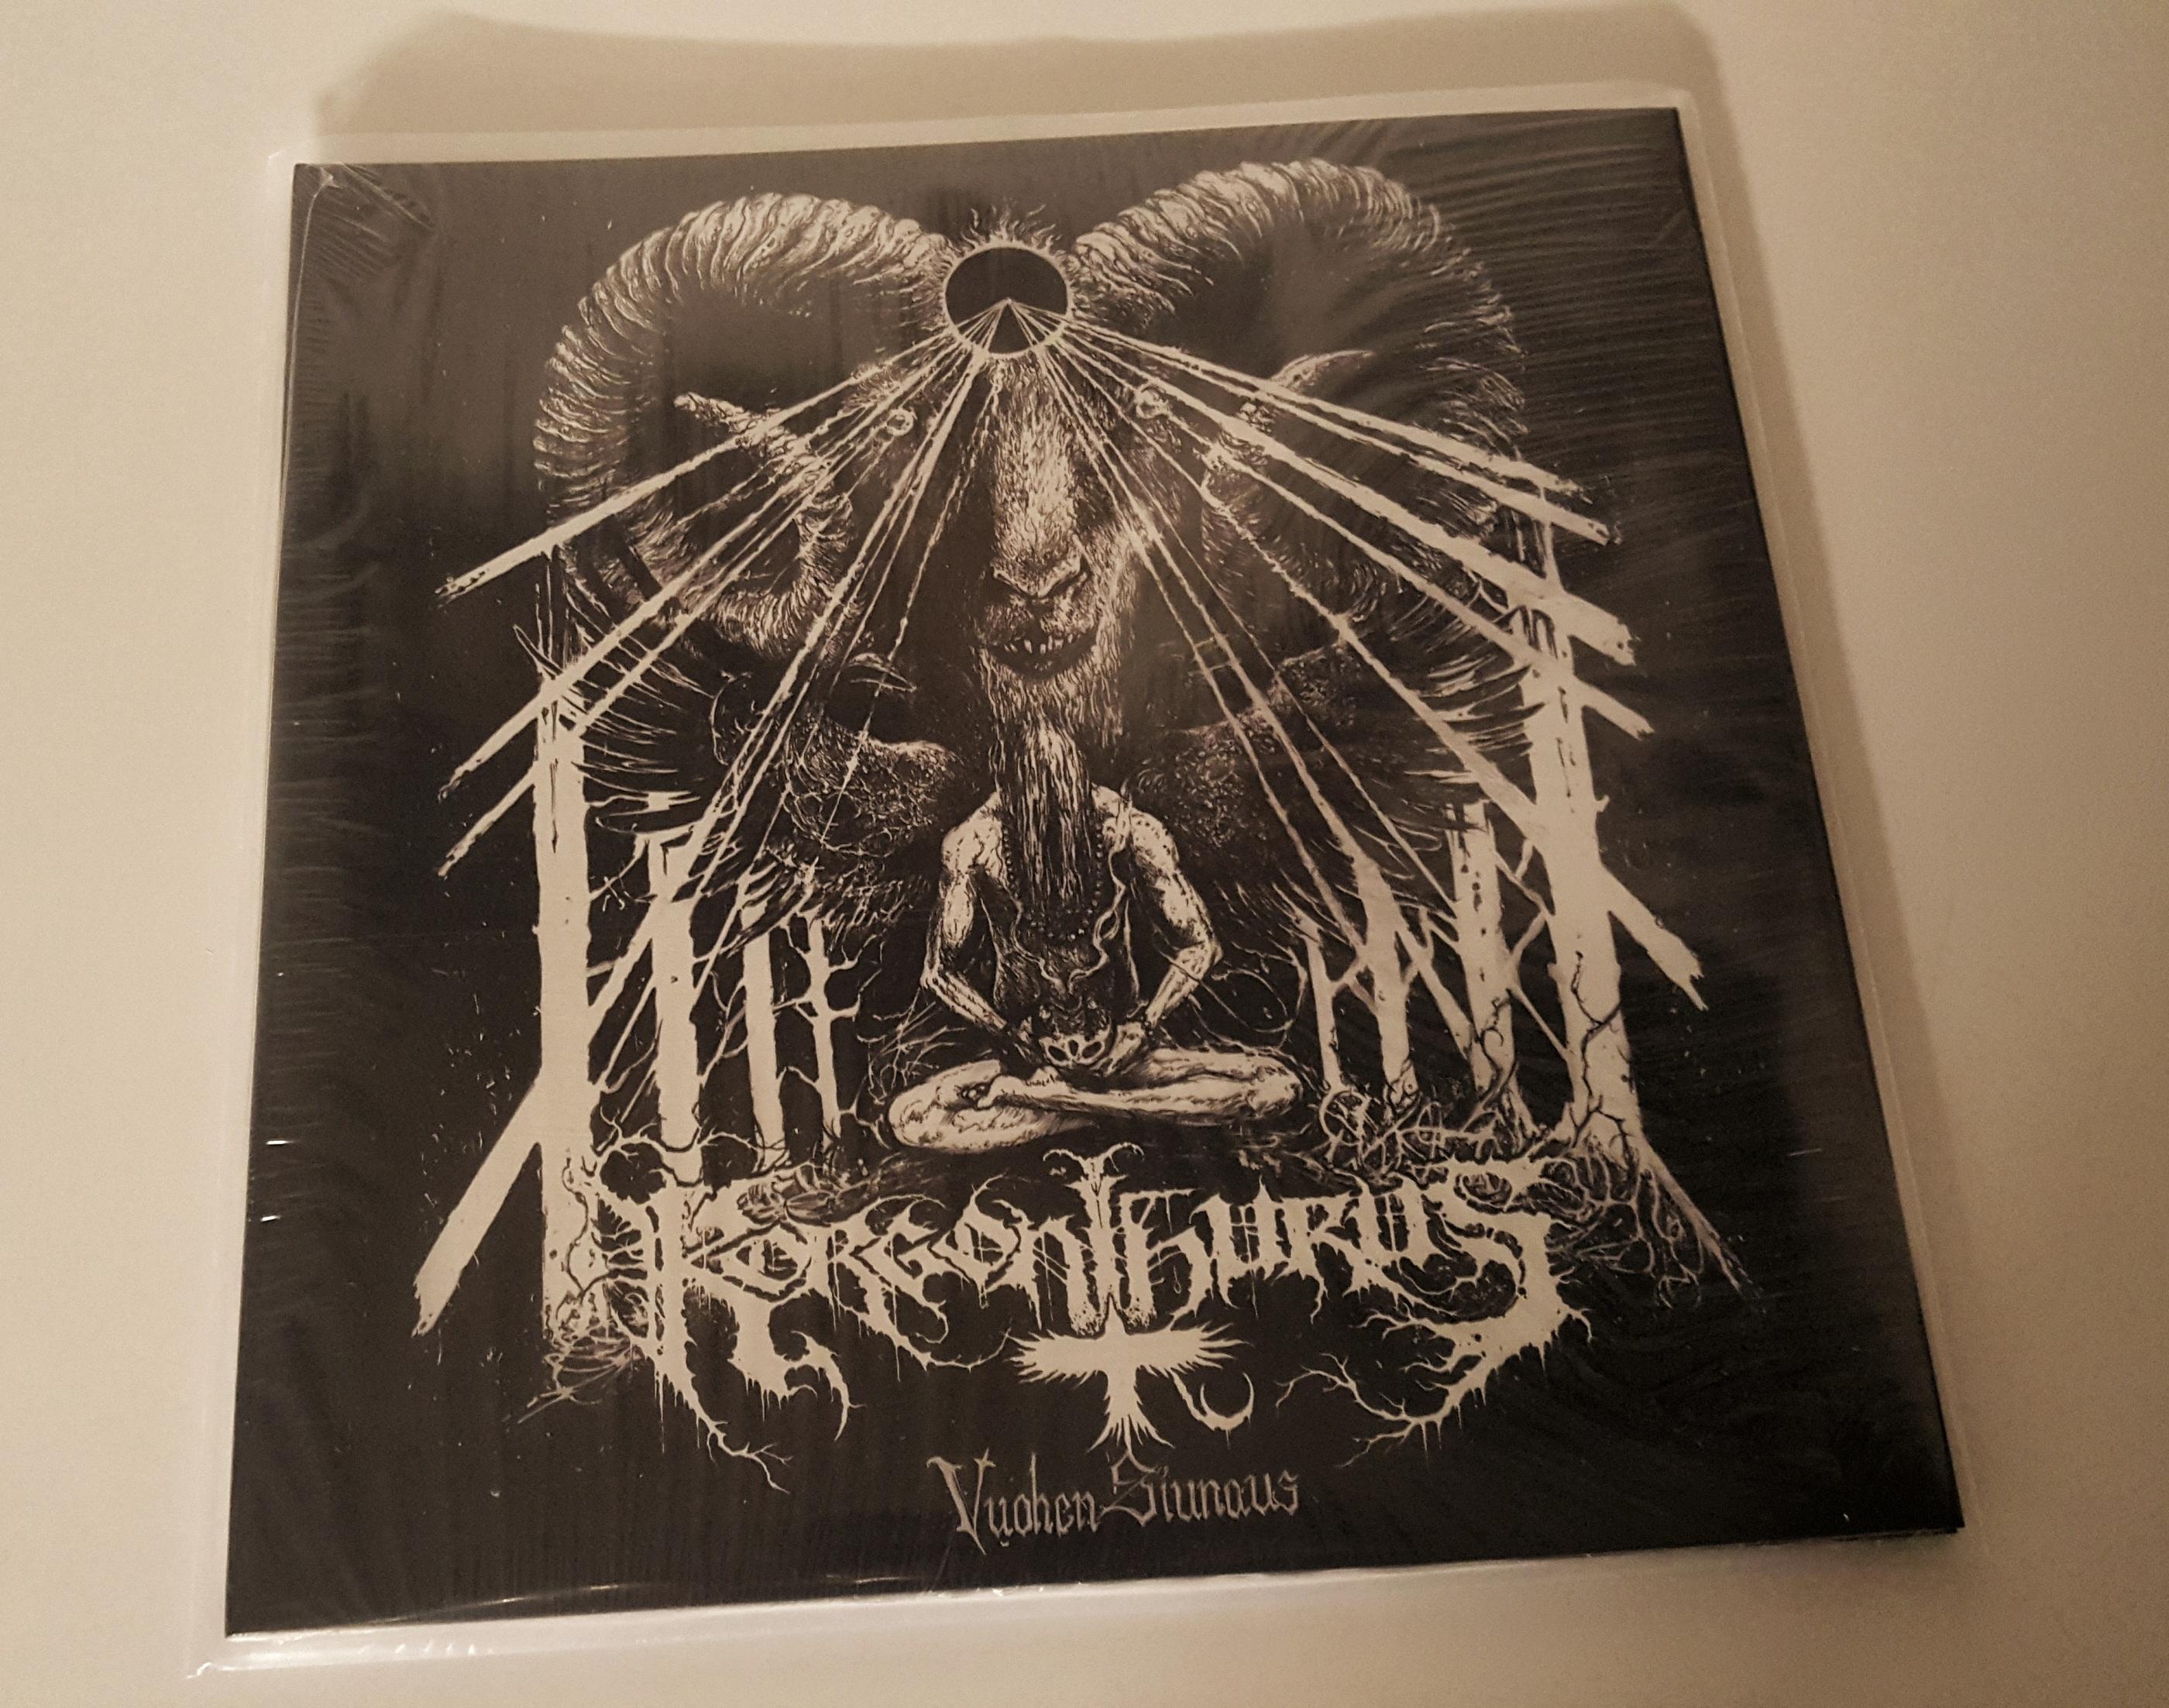 """KORGONTHURUS - Vuohen Siunaus 12"""" LP"""